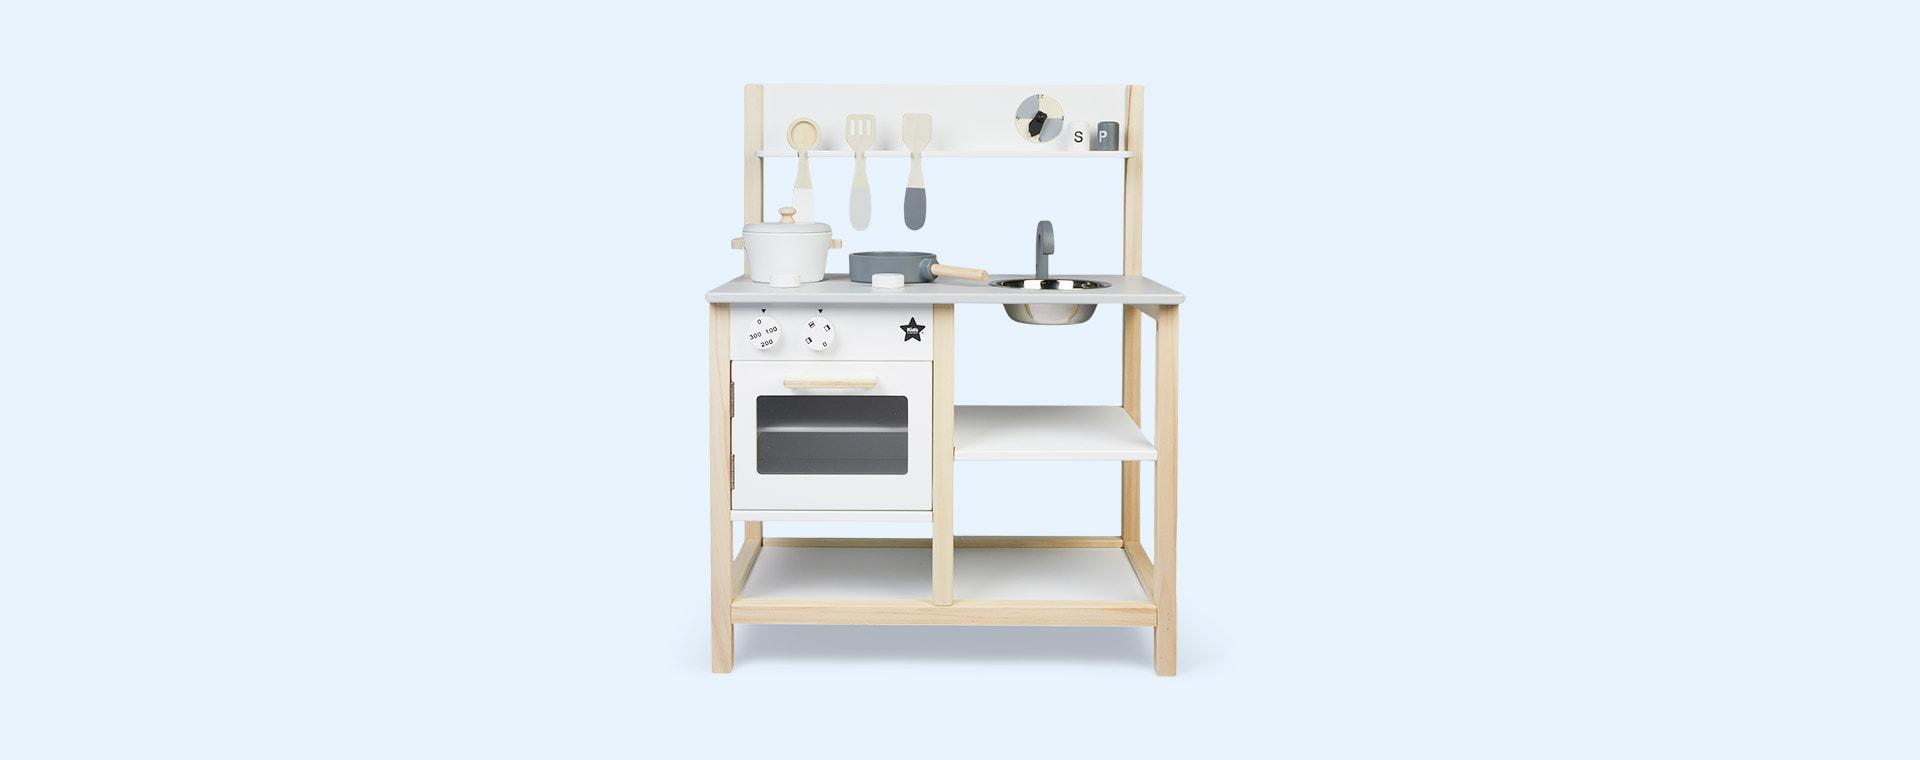 Neutral Kid's Concept Kitchen